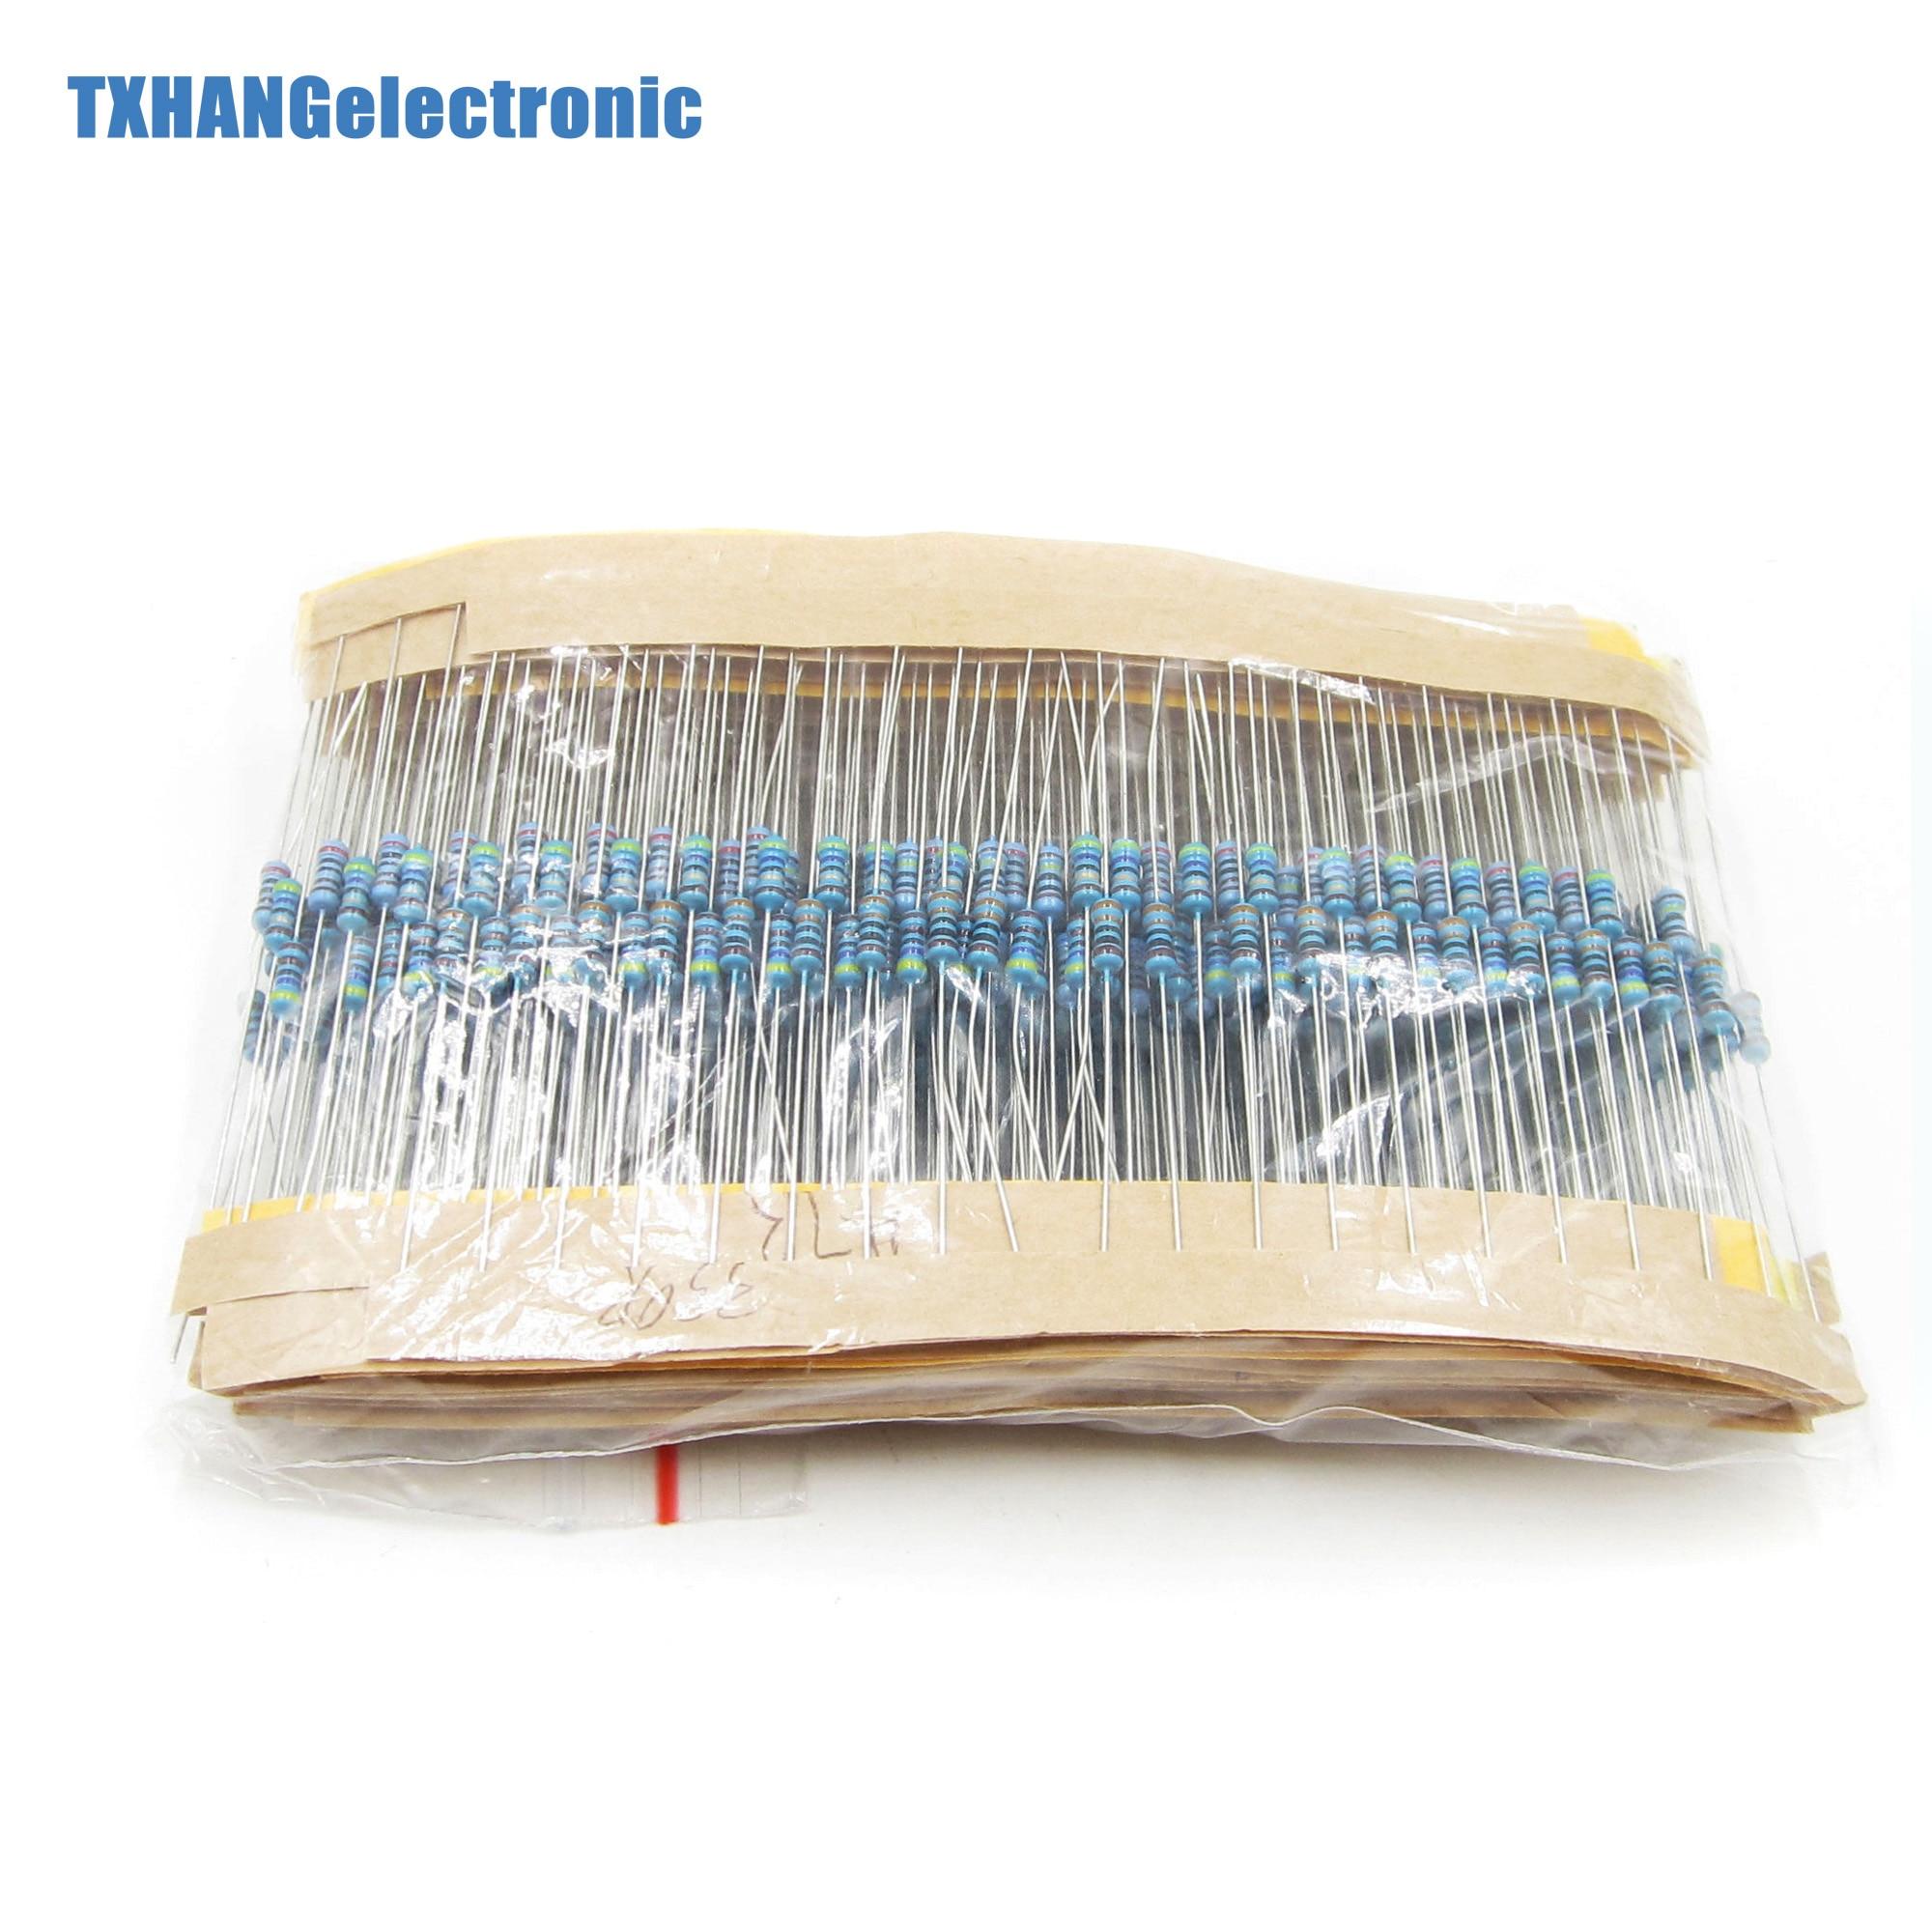 600 unids/lote 30 tipos cada paquete de resistencias de película metálica de valor 1/4 W 1% Resistor surtido conjunto elextrónico